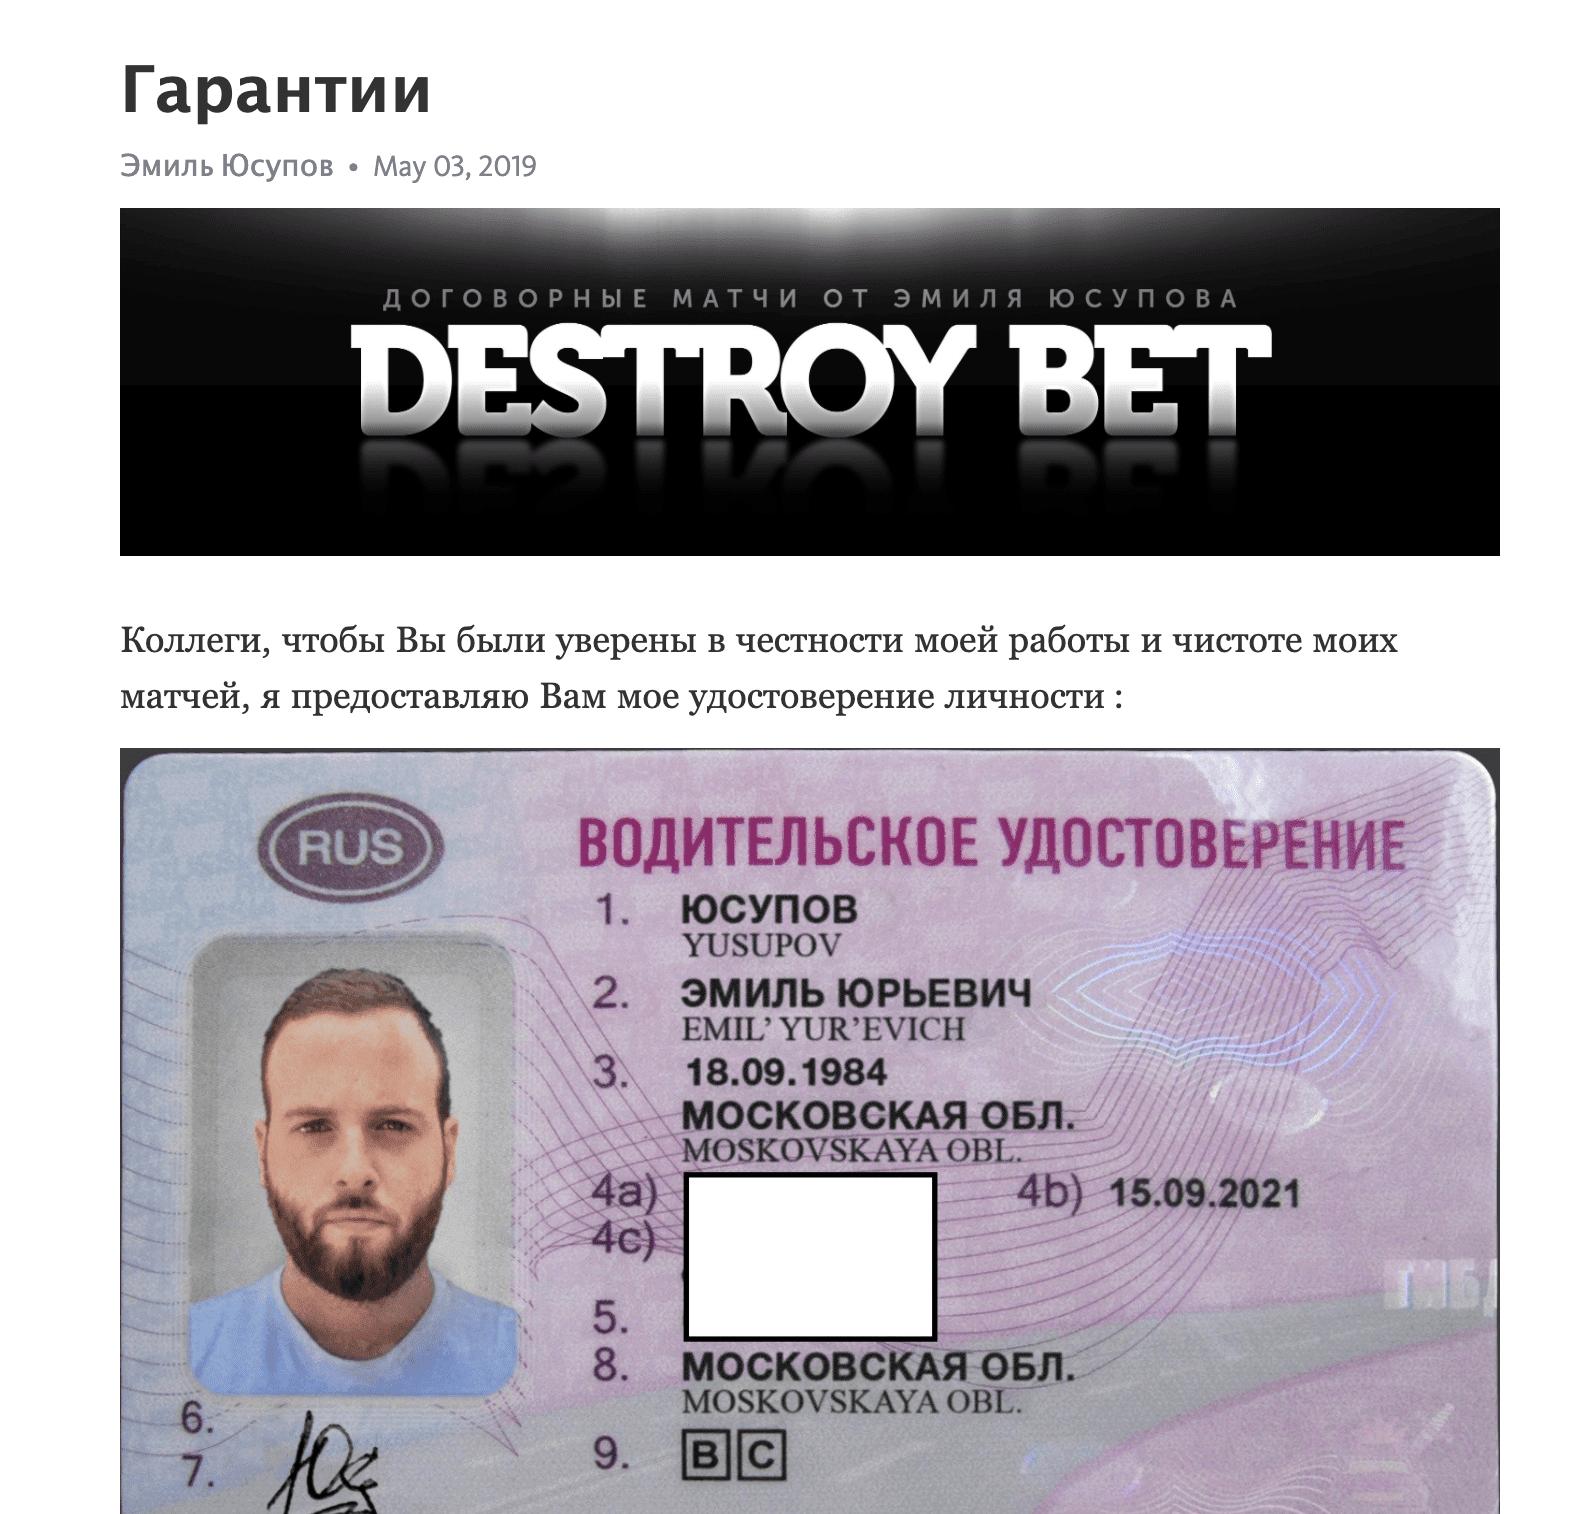 Главная страница сайта проекта Договорные Матчи/Эмиль Юсупов